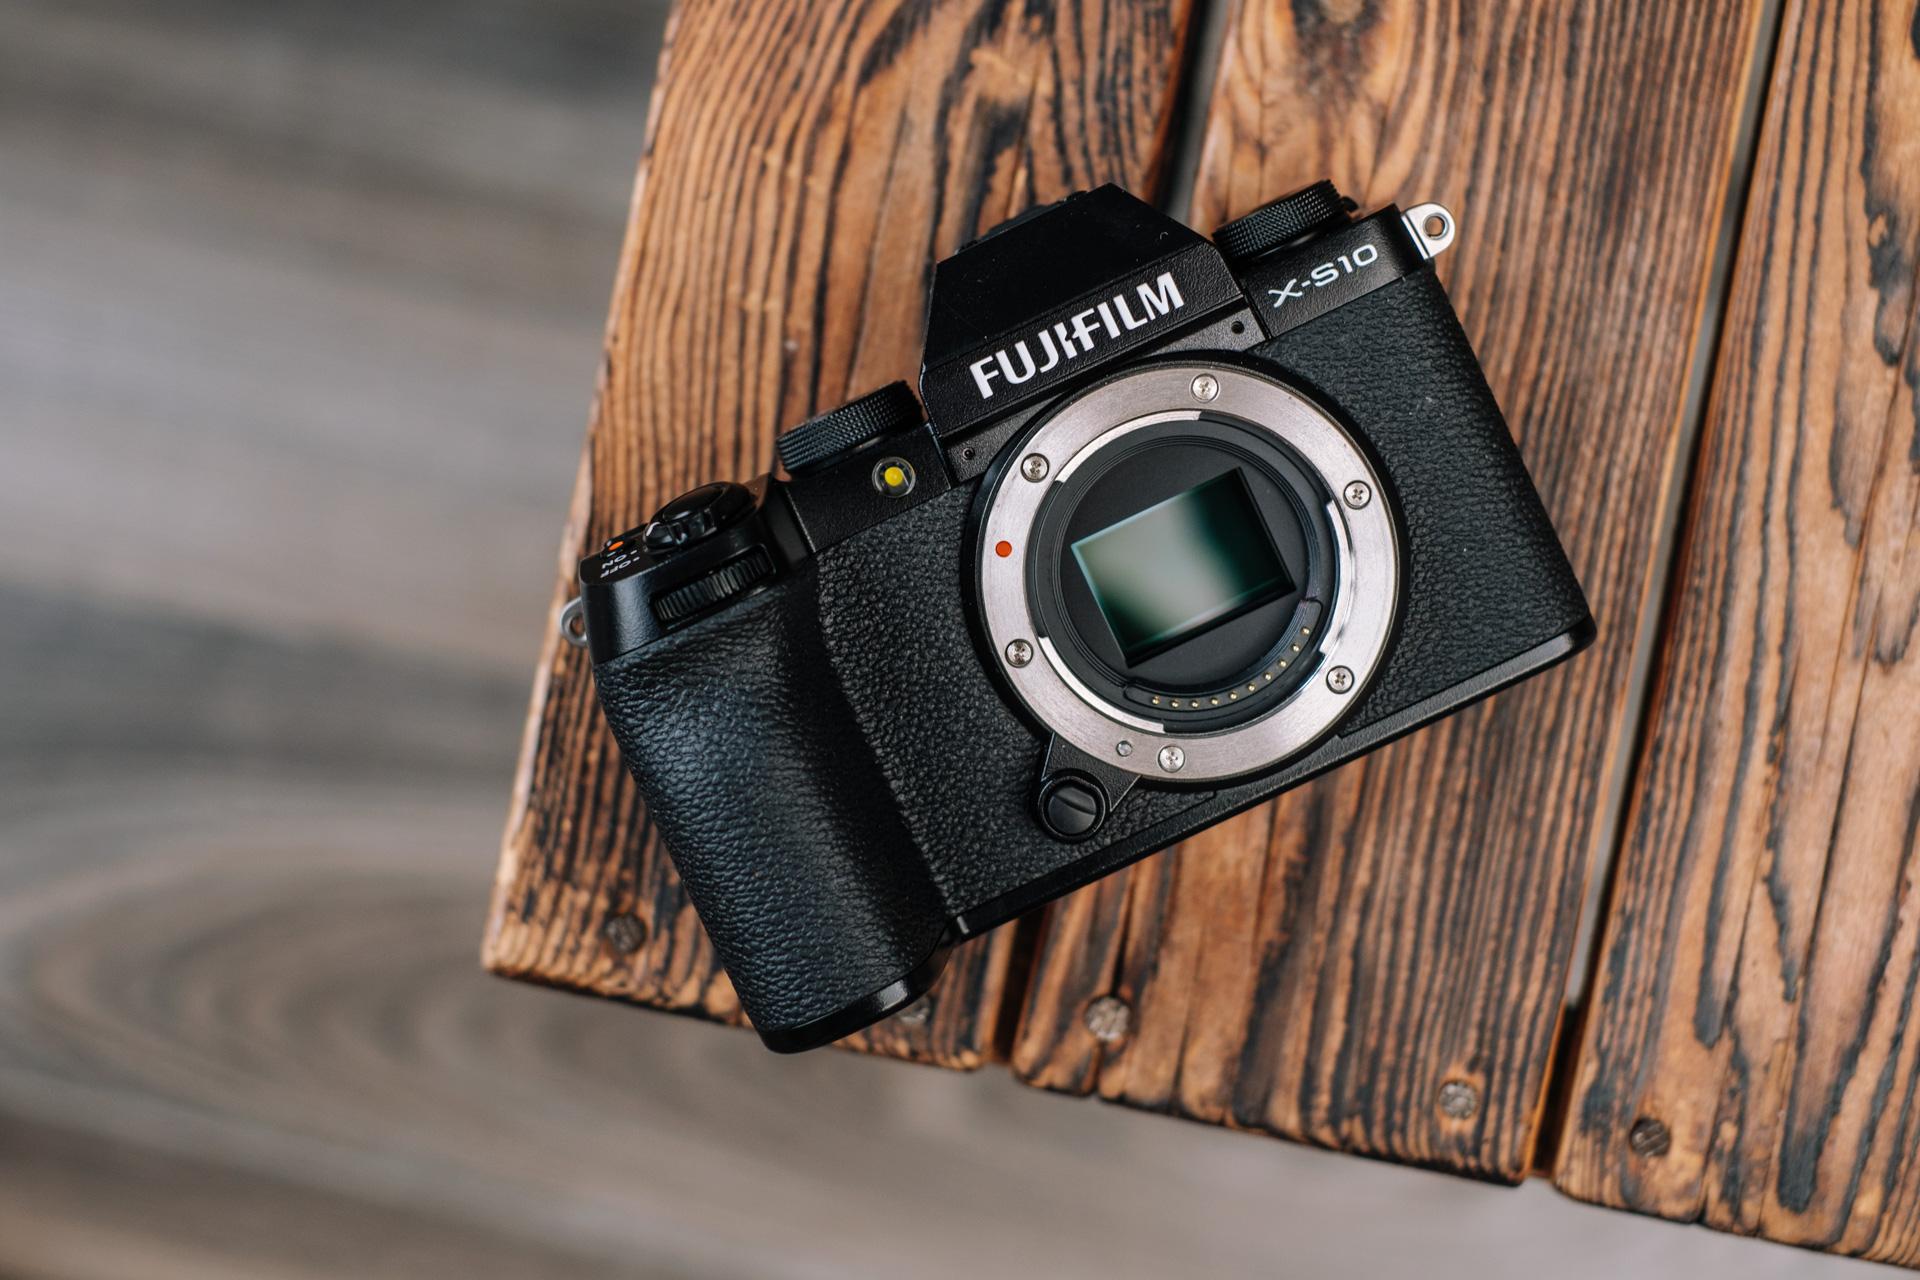 Fujifilm X-S10 test